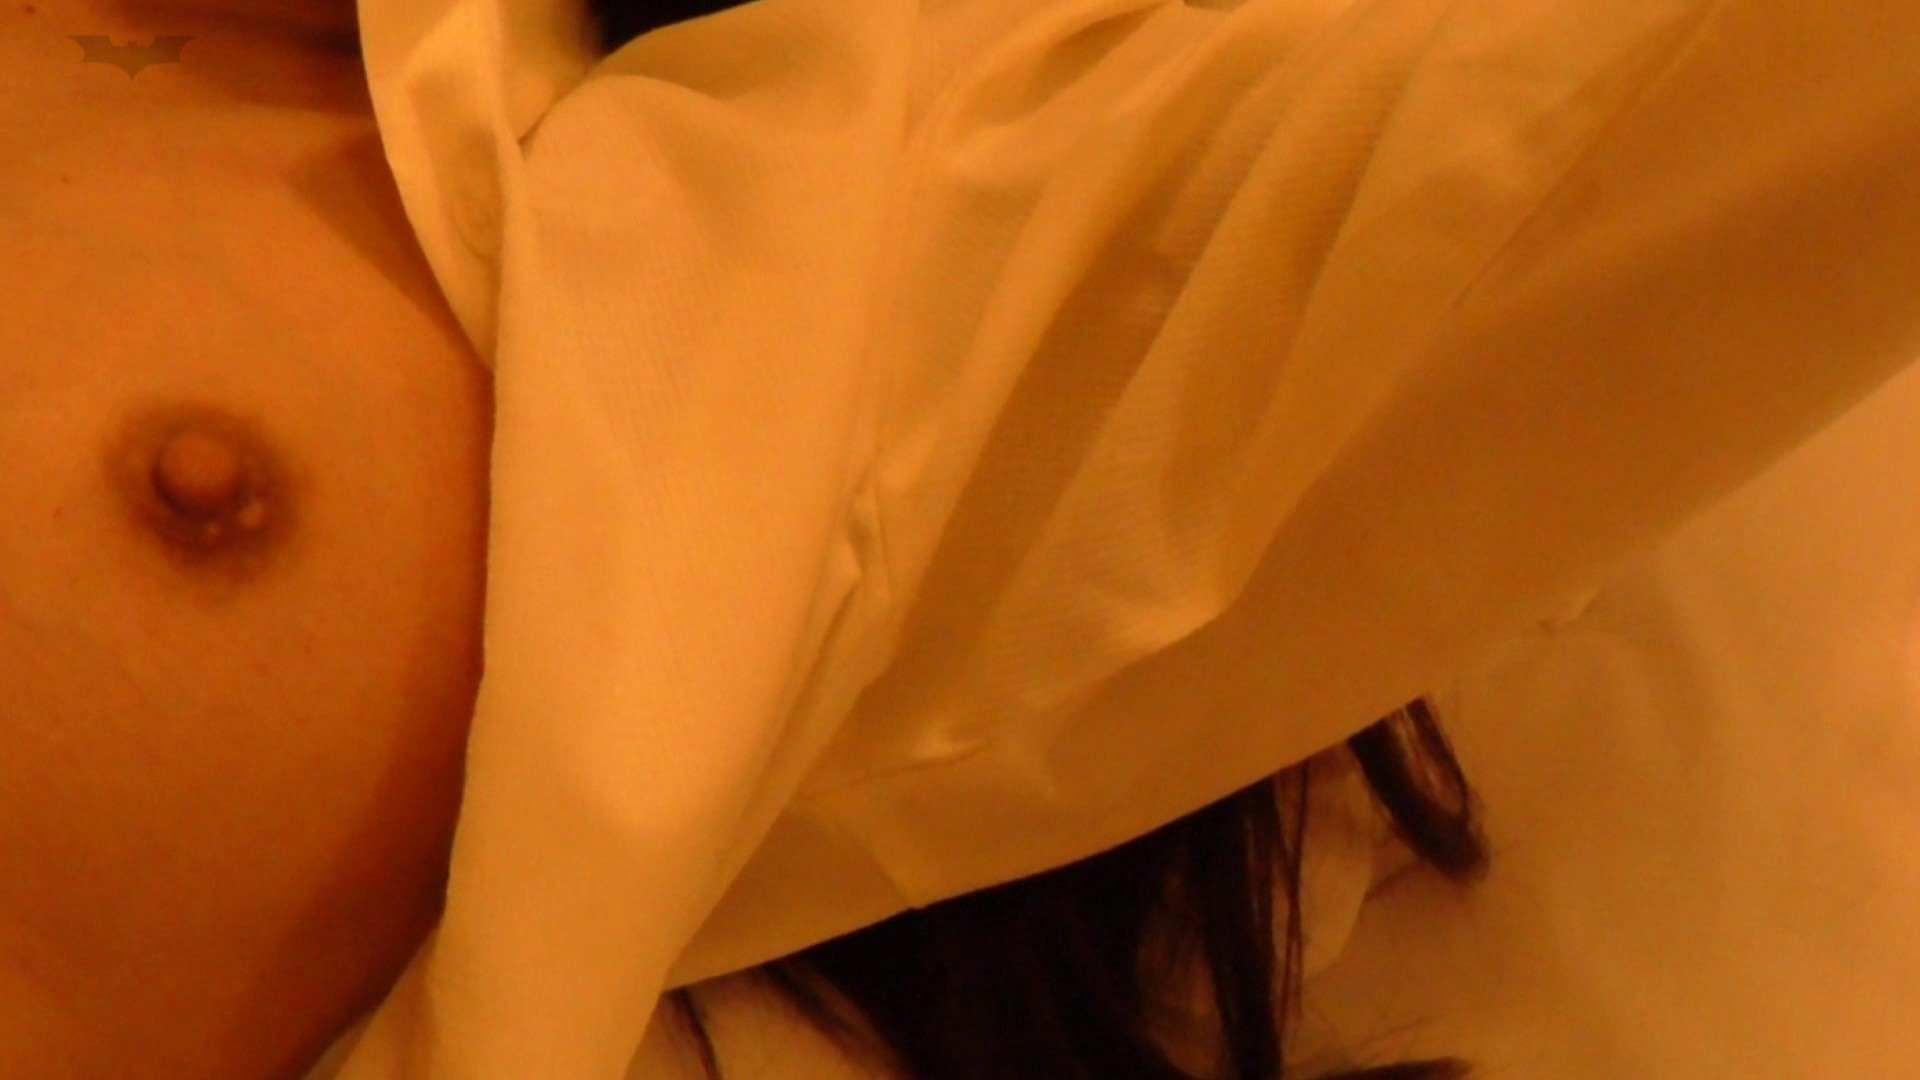 内緒でデリヘル盗撮 Vol.01後編 えっろいデリ嬢はやっぱりごっくん! ごっくん  66Pix 9